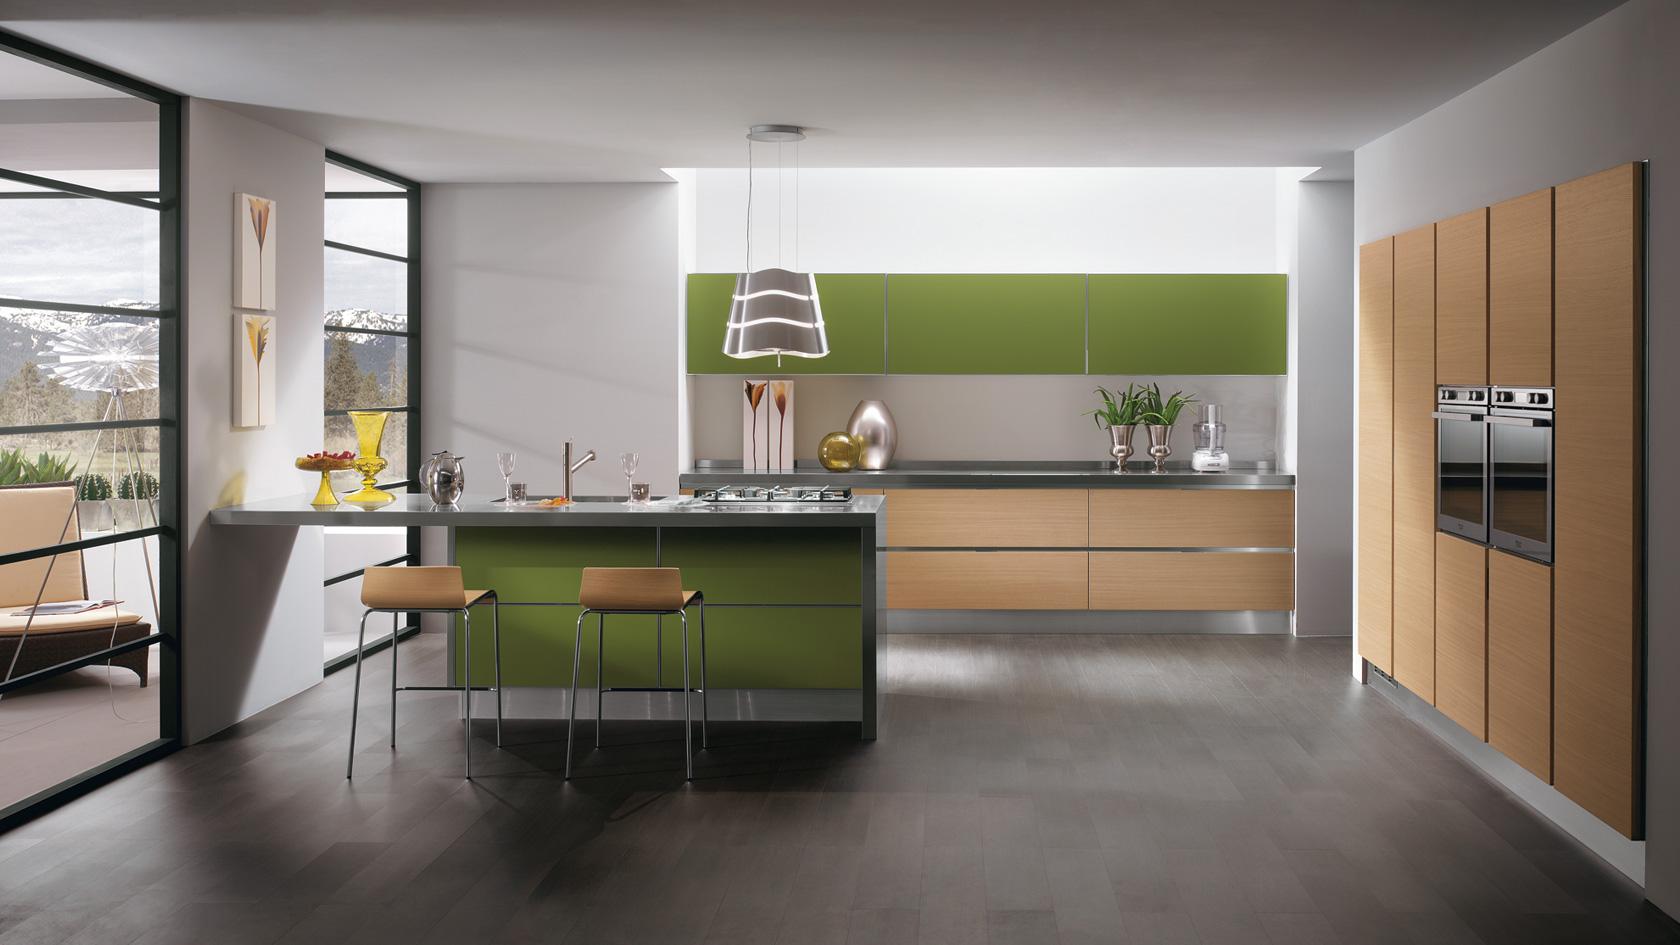 Cucine da rinnovare idee e suggerimenti per ispirarvi nell 39 arredo - Idee per rinnovare la cucina ...